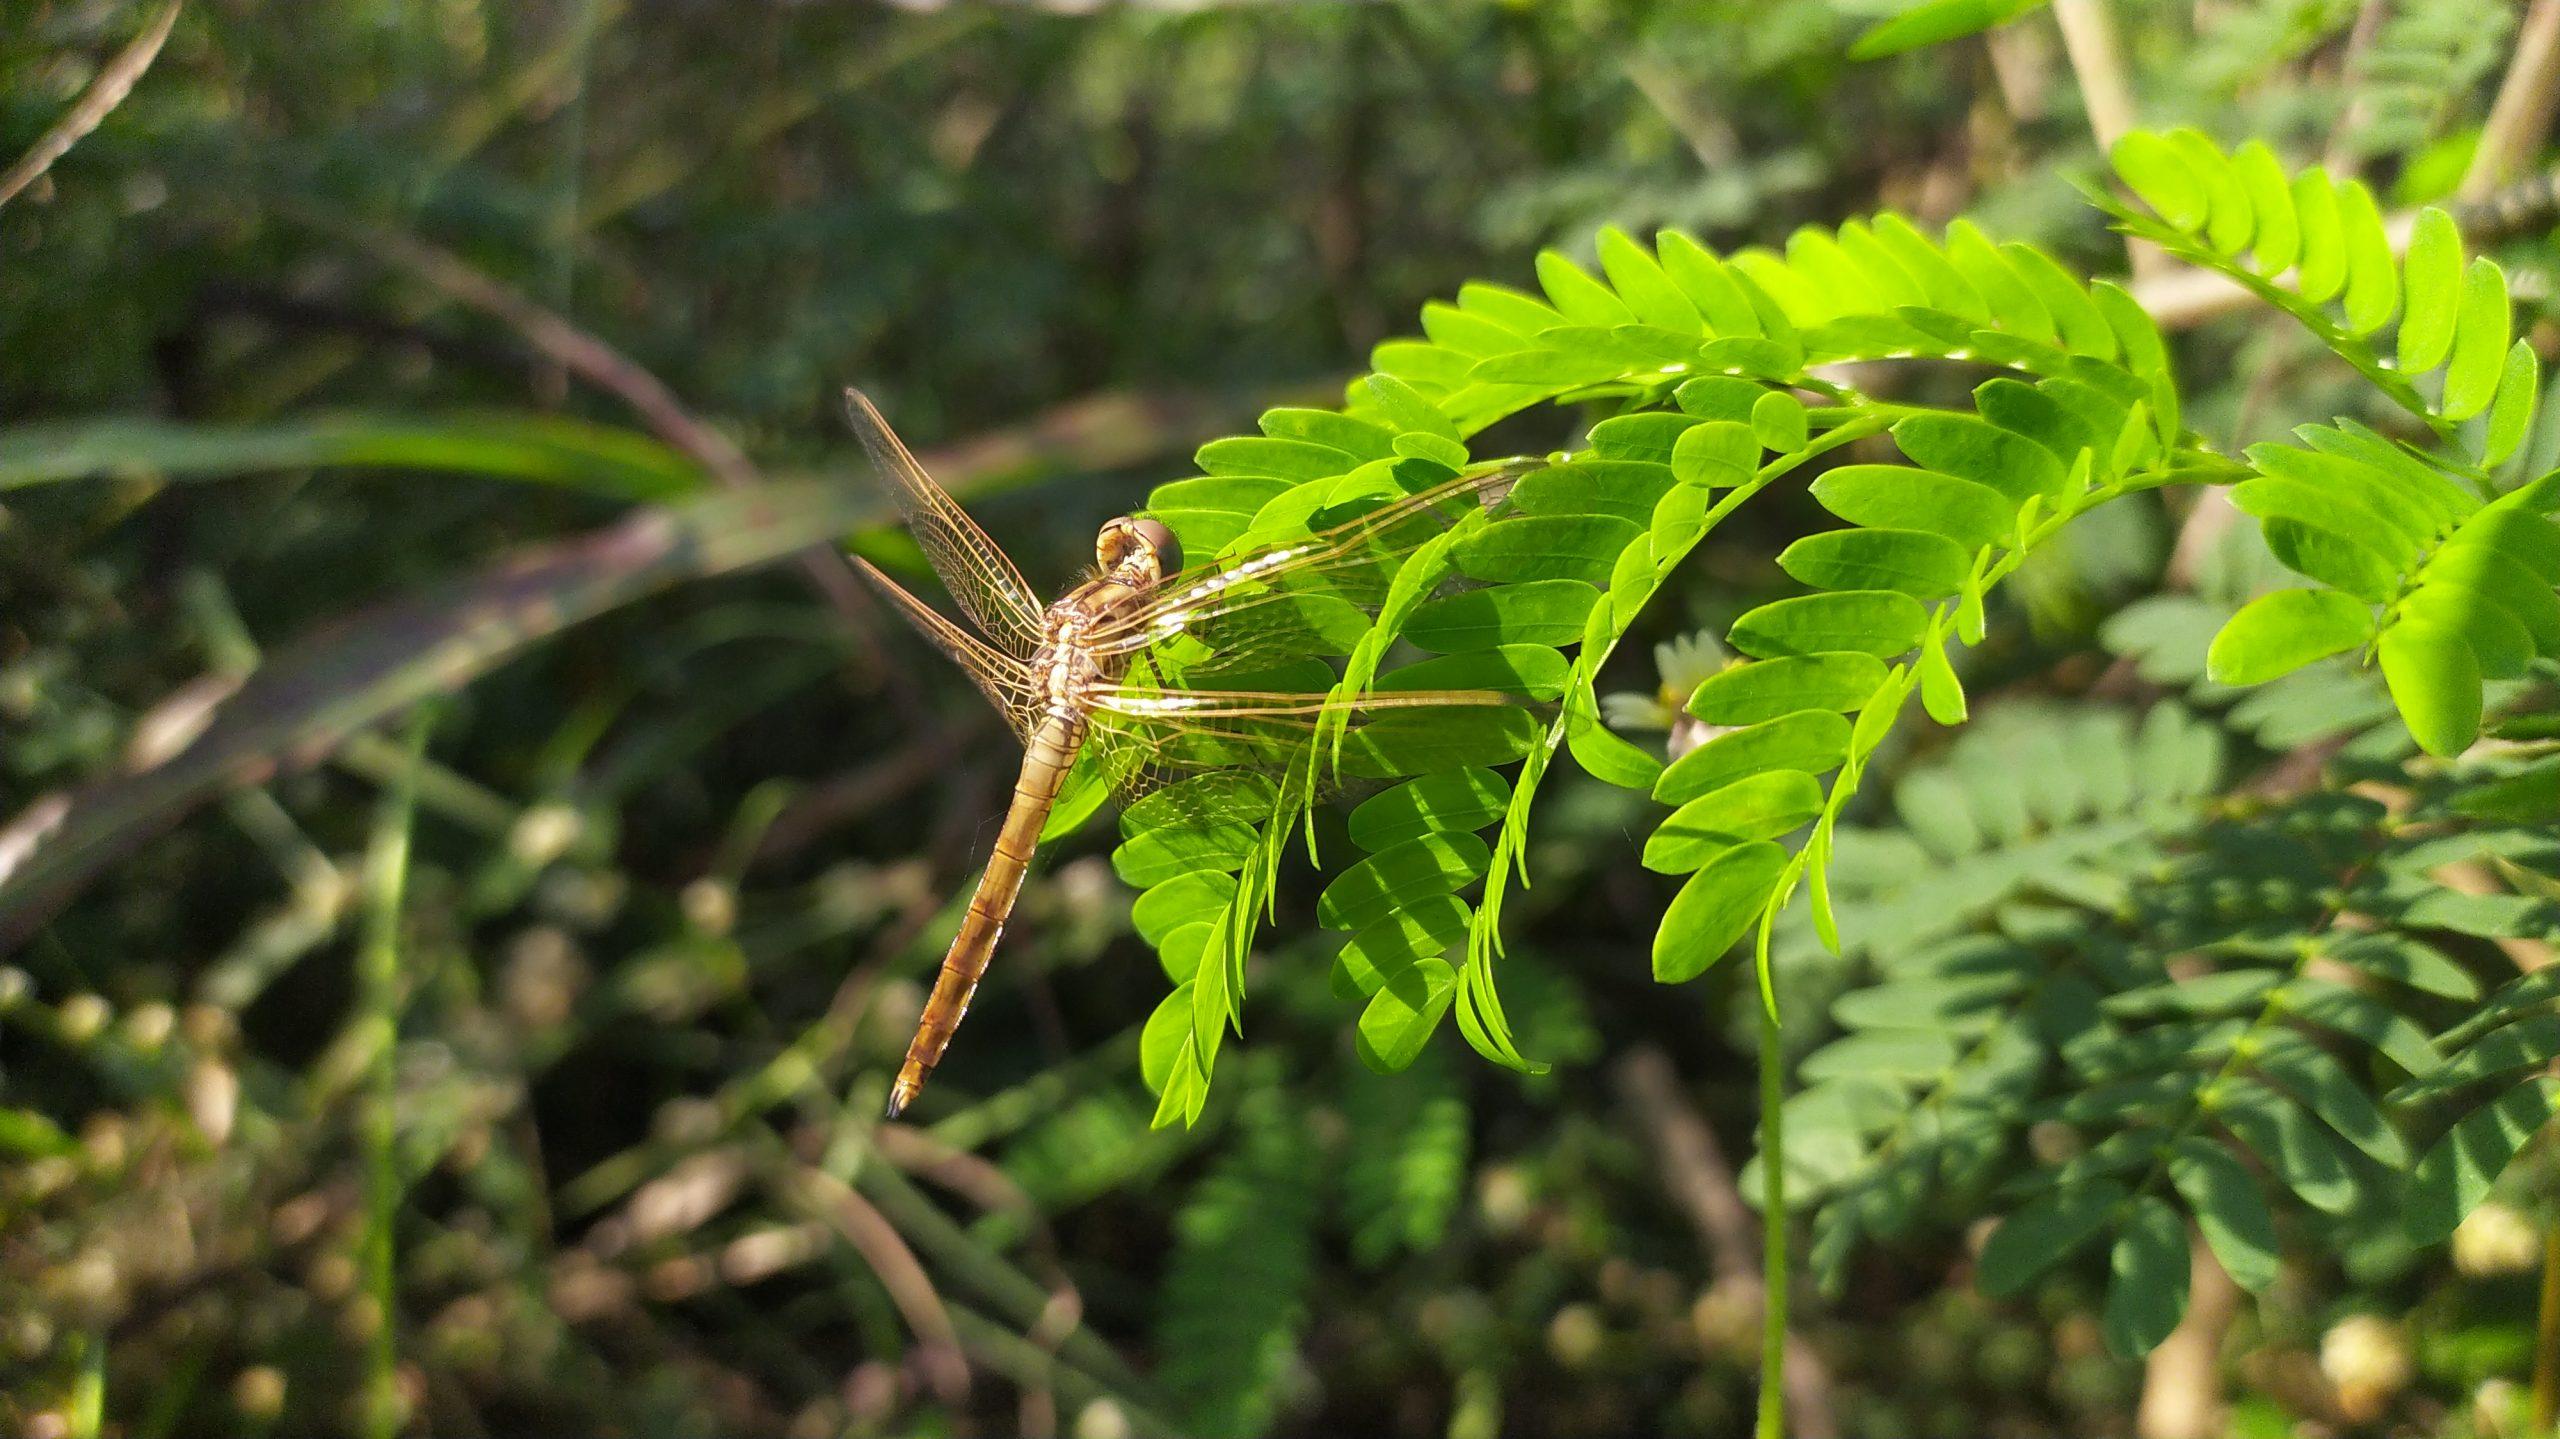 A dragon fly on plant leaf